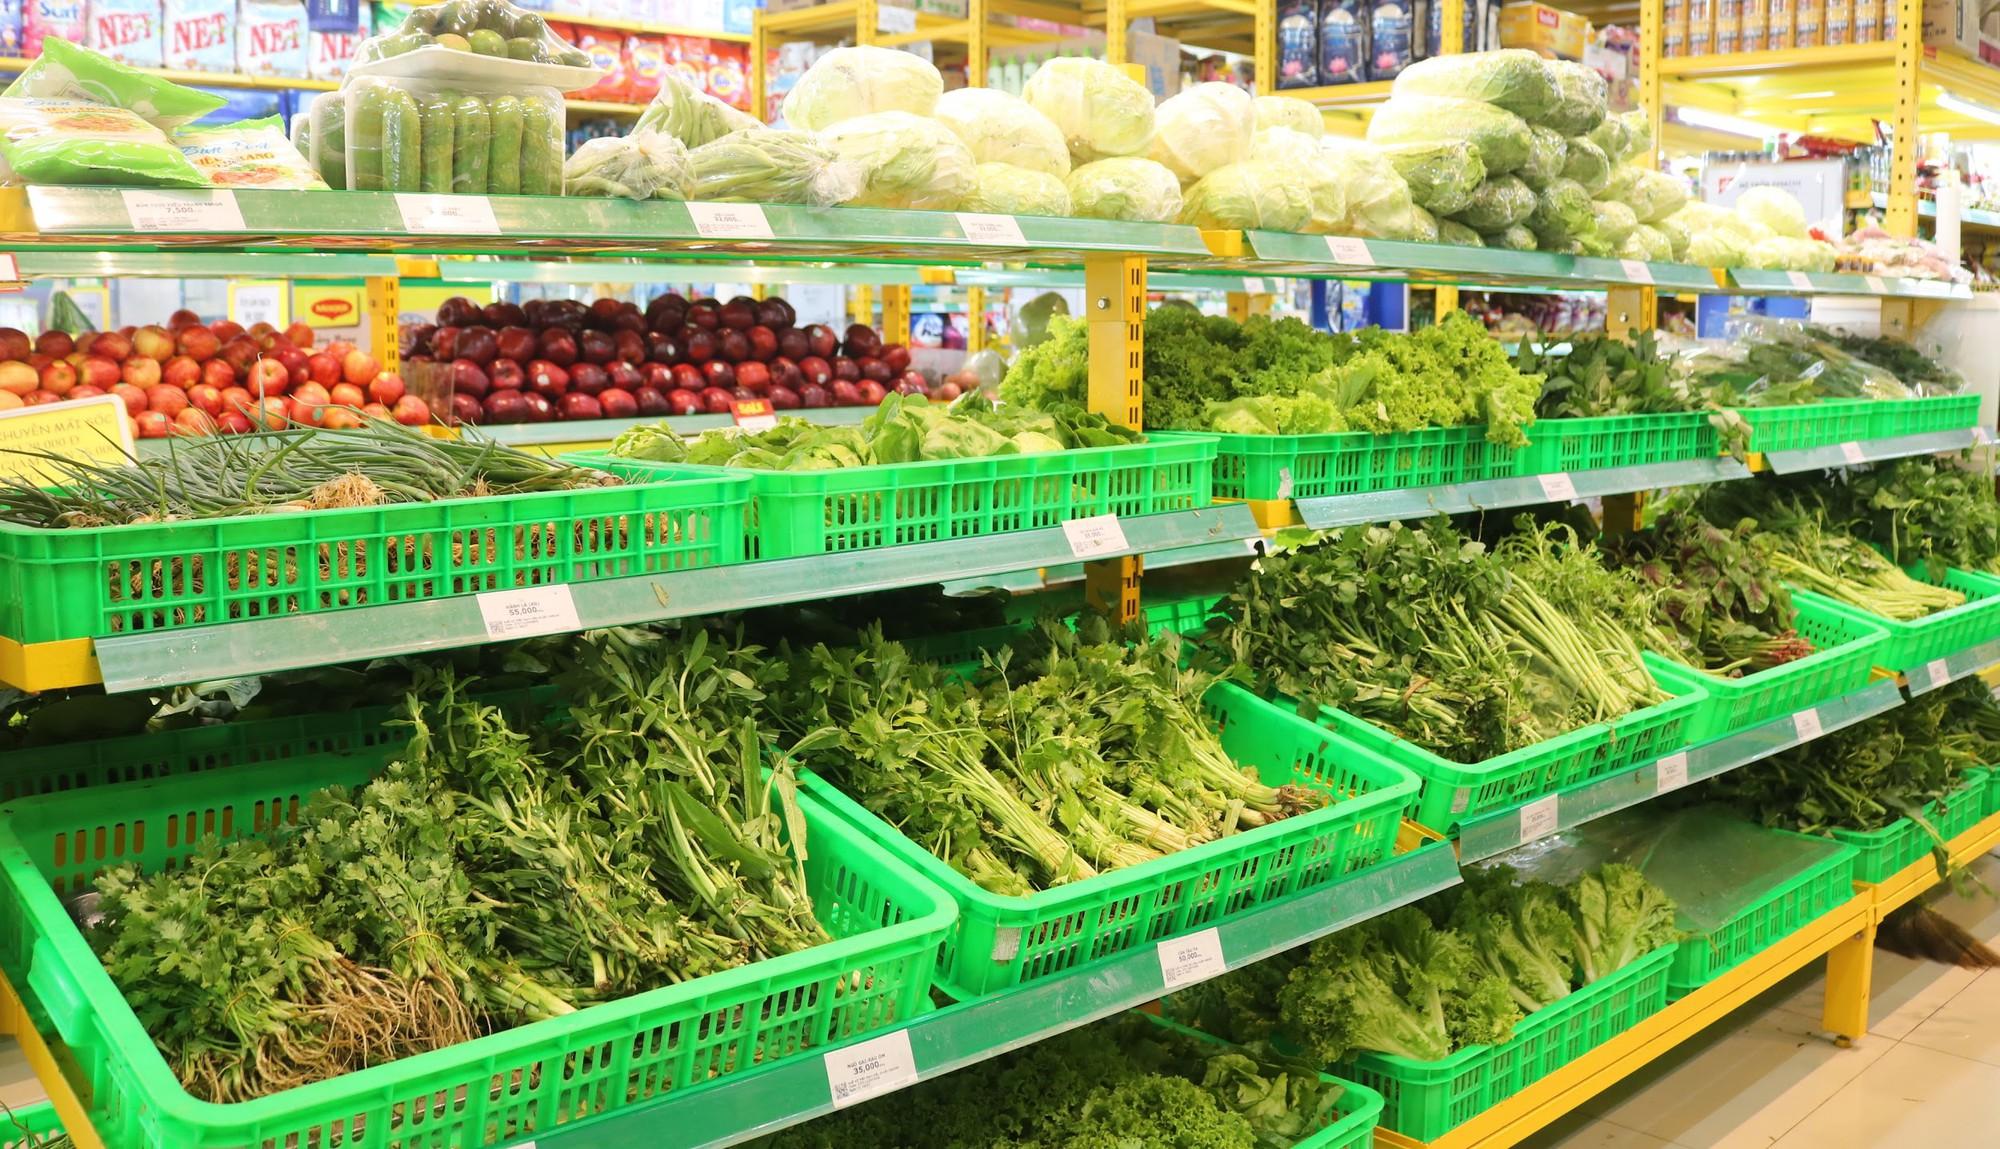 'Đột nhập' vùng trồng rau miền Tây tươi mướt như ở Đà Lạt cung cấp cho Bách Hóa Xanh - Ảnh 8.